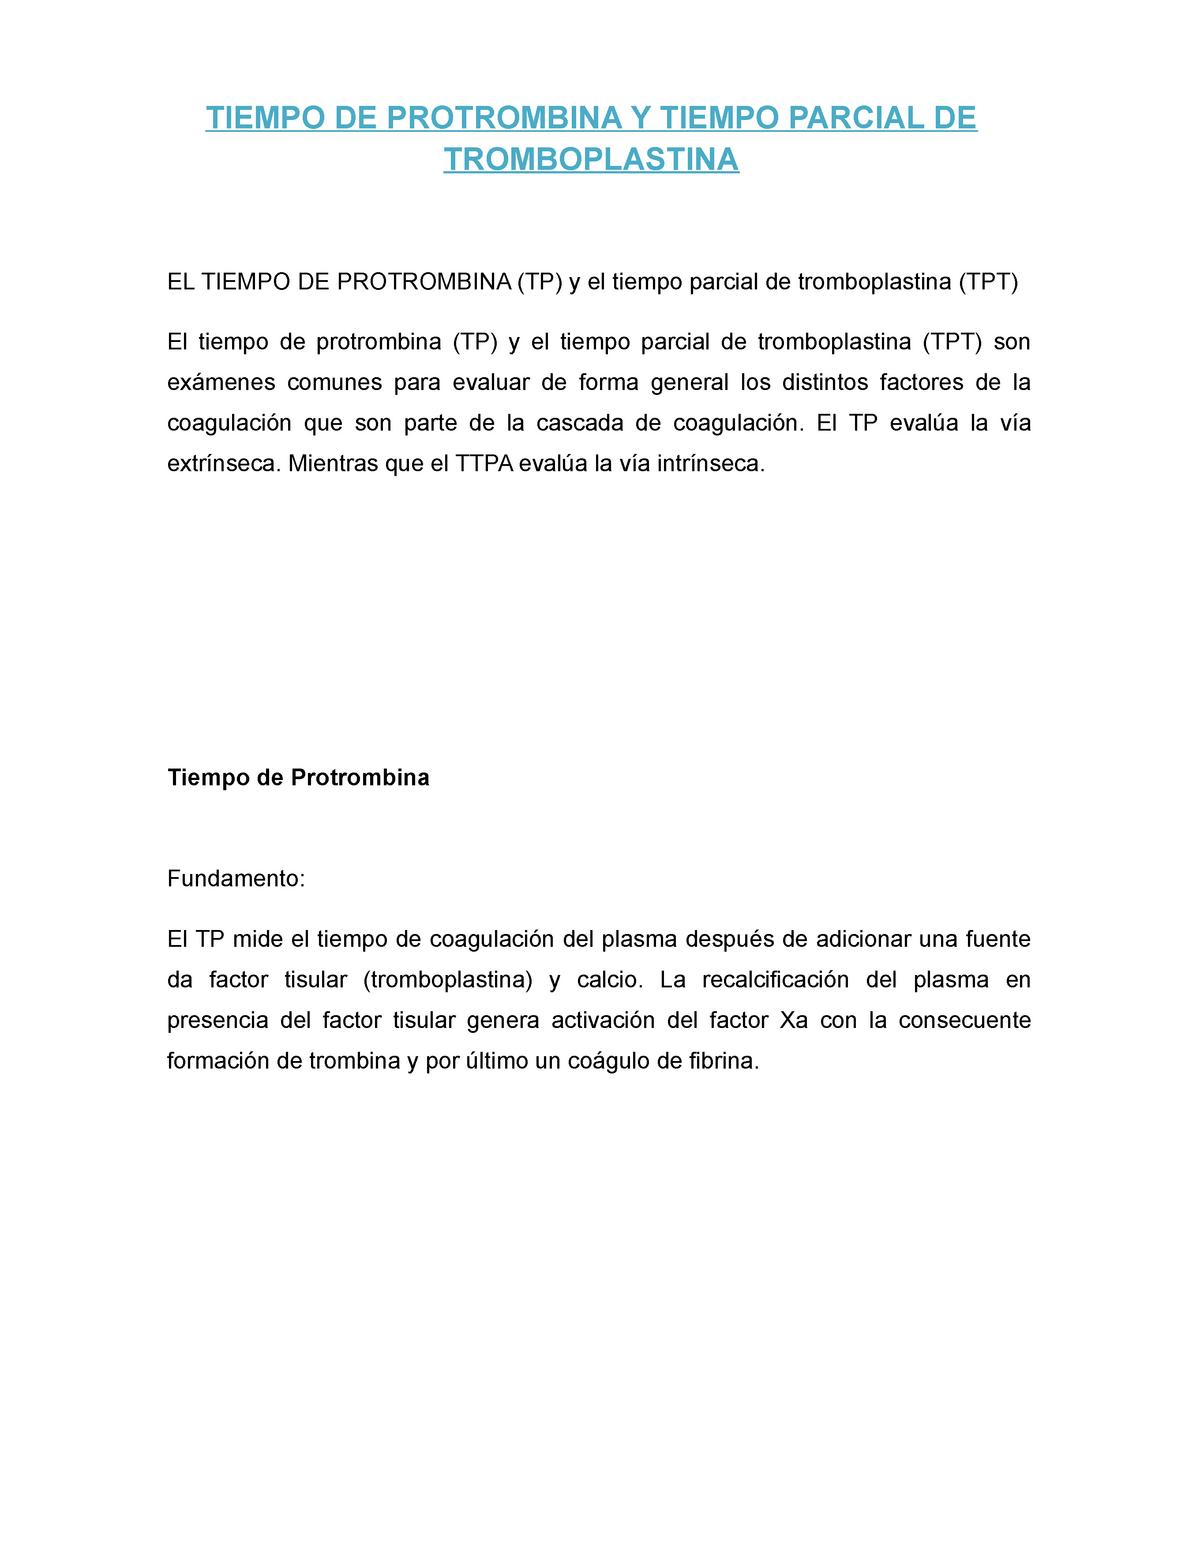 Analisis clinicos tp y tpt